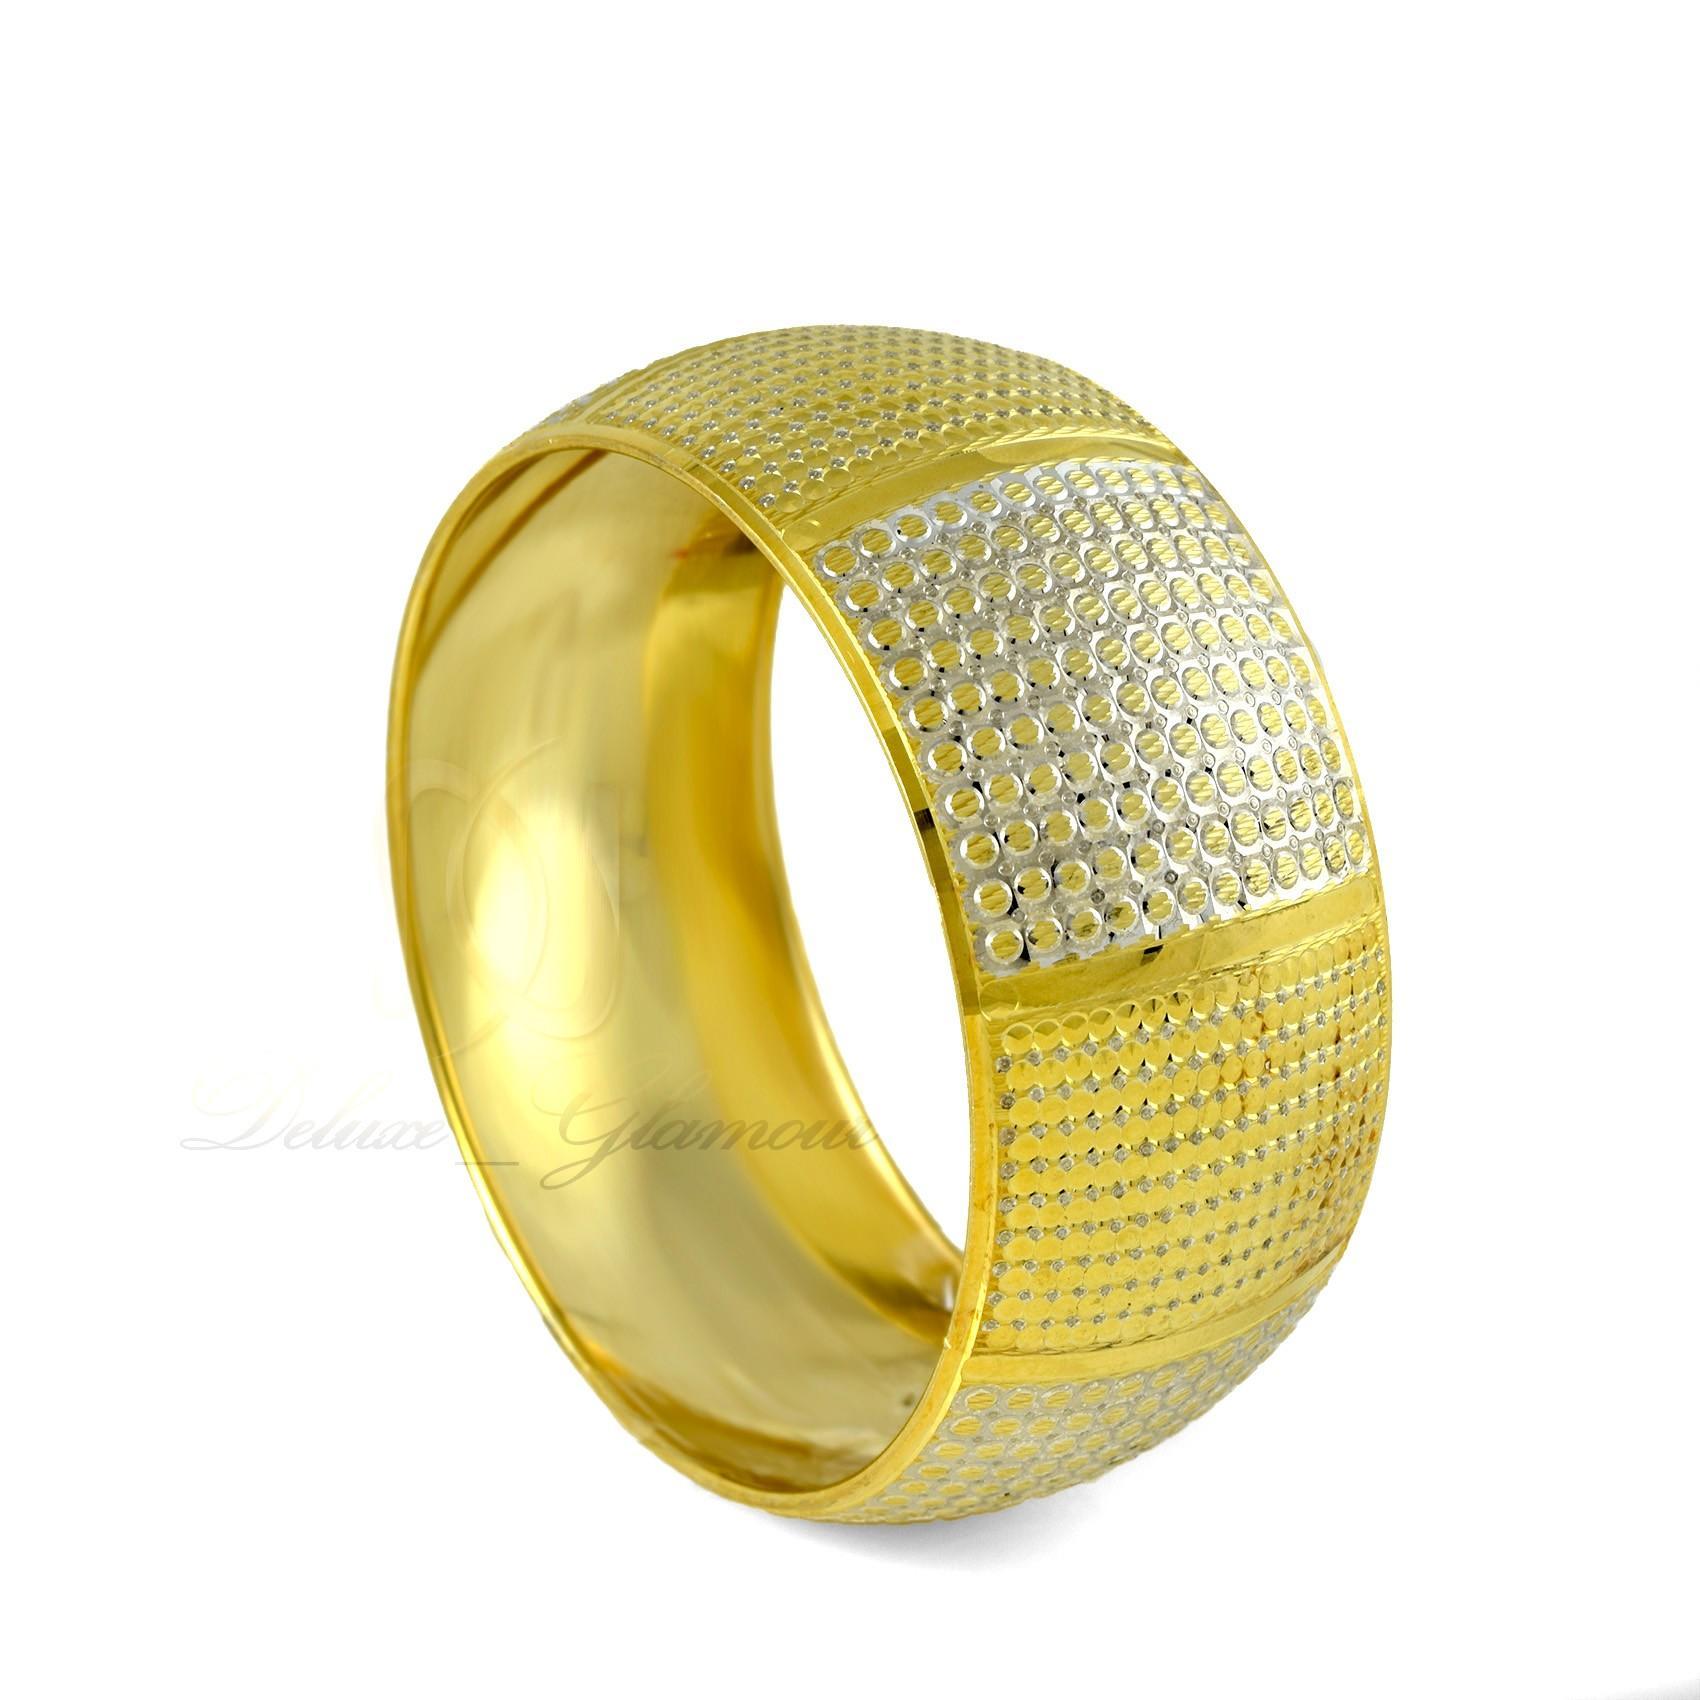 النگو تك پوش نقره دو رنگ طرح طلا al-n110 (1)